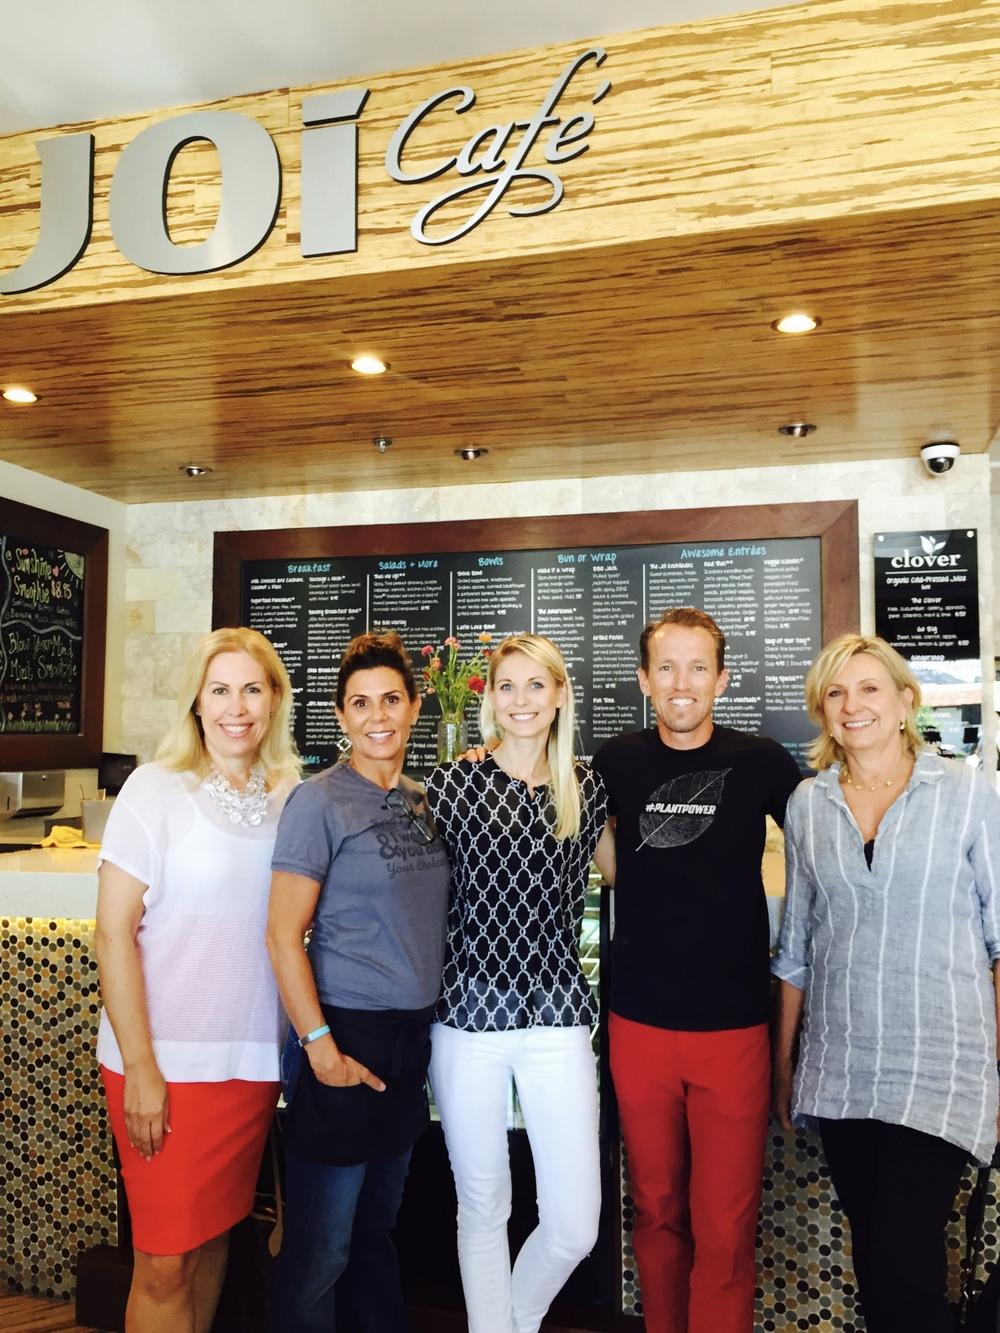 Iš kairės: Lietuvos garbės konsulė Daiva Navarrette,restoranėlio savininkėJoi Stearns, Kristina Pozingytė, restoranėlio bendrasavininkas Nic Johanson bei Olena Snow, kuri gamina sveikąją Kombucha